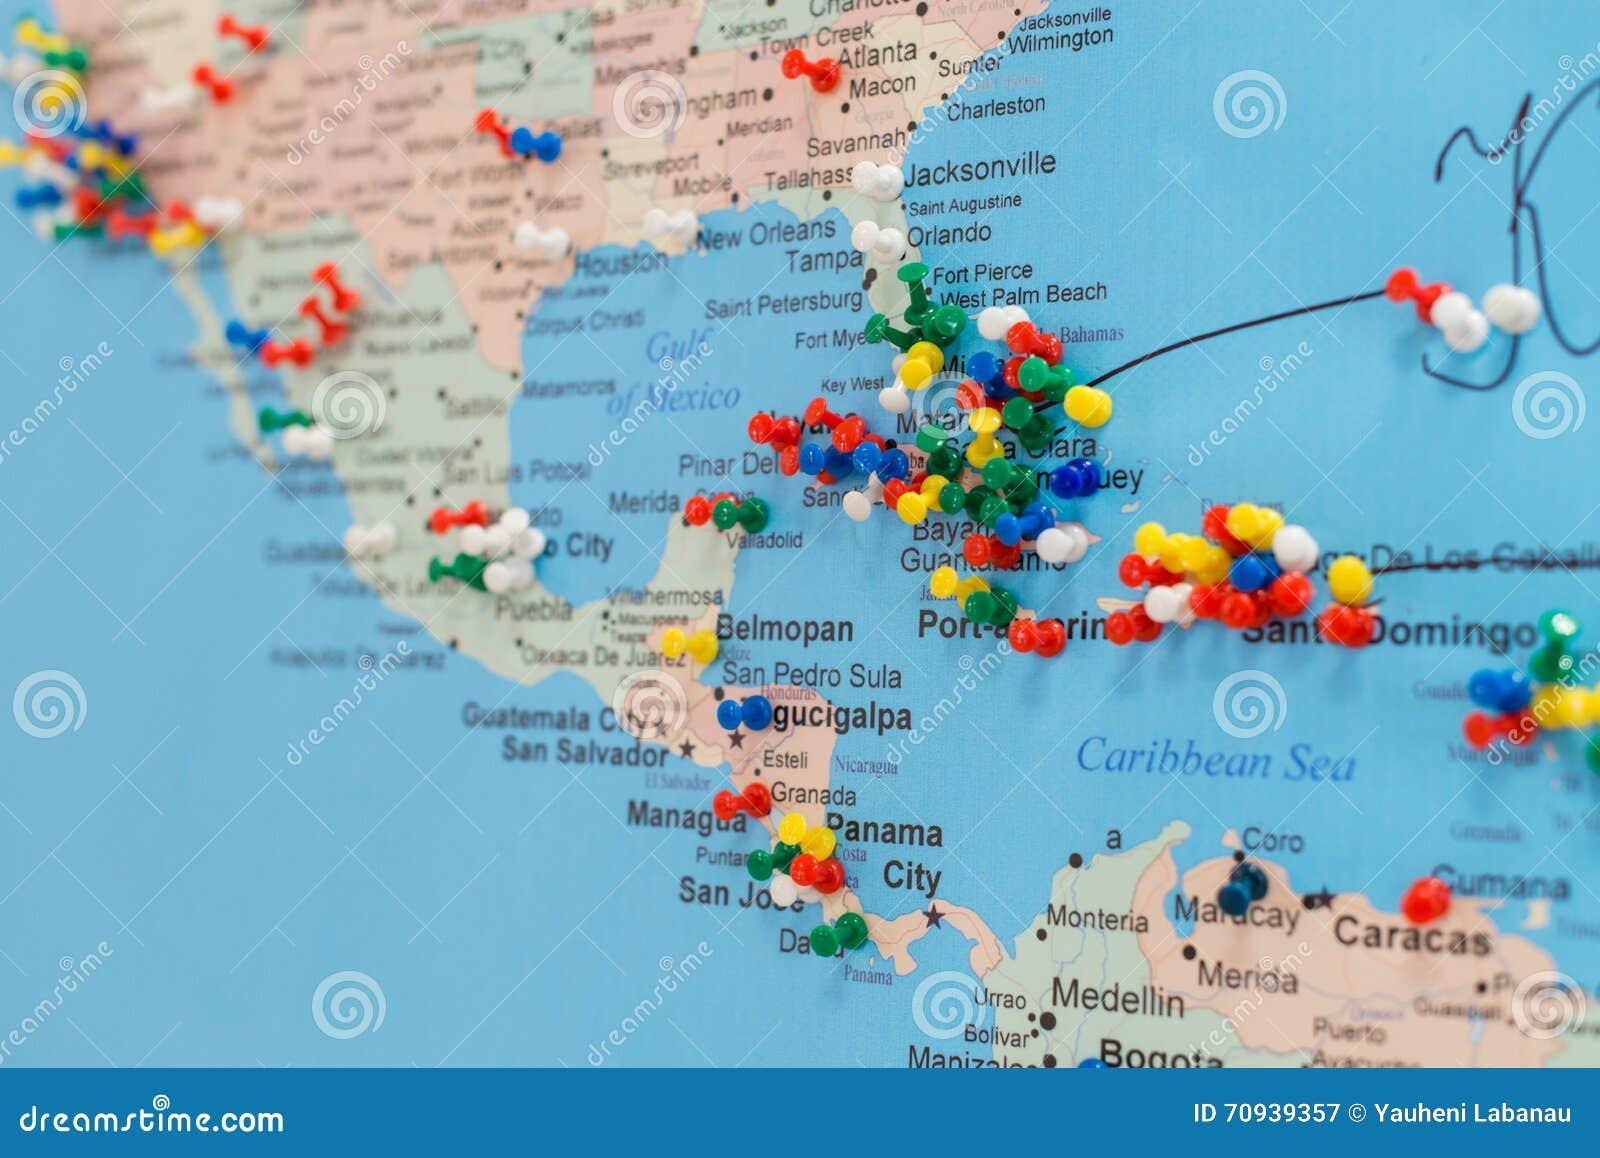 Cuba Mapa Del Mundo.Botones En La Cuba En El Mapa Del Mundo Imagen De Archivo Imagen De Cuba Mapa 70939357